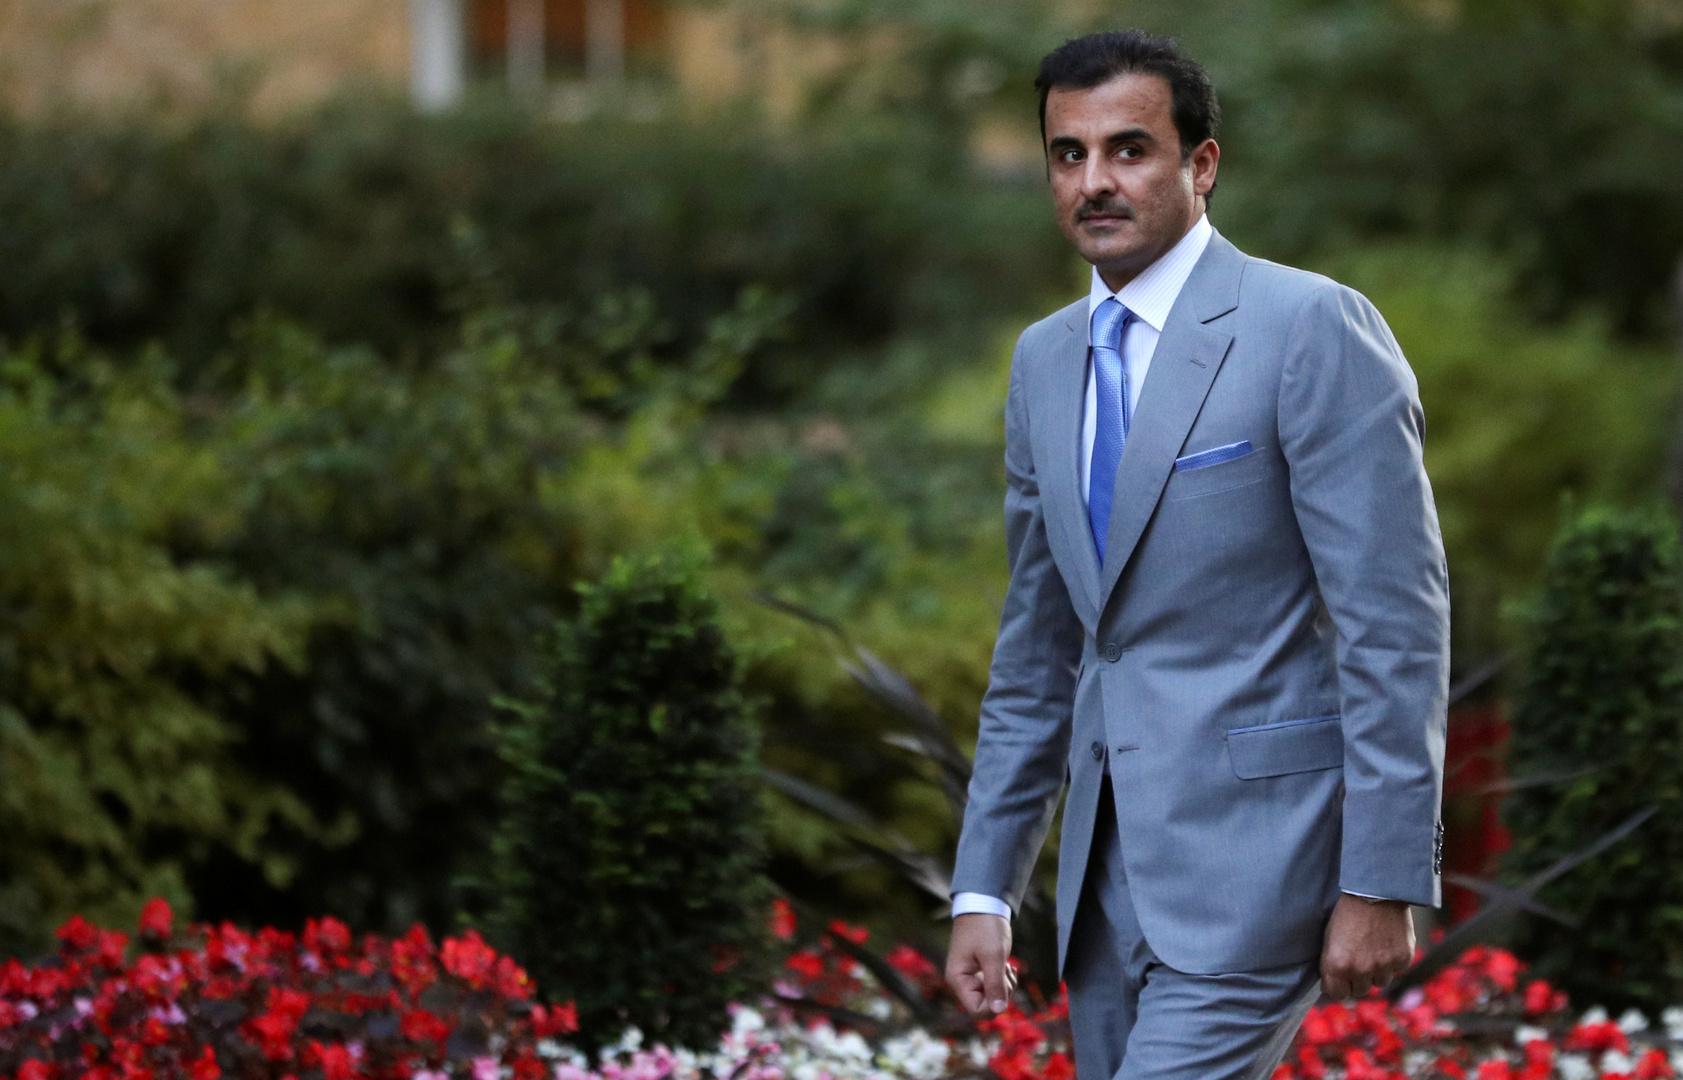 أمير قطر يهنئ تبون بفوزه في الانتخابات الرئاسية الجزائرية